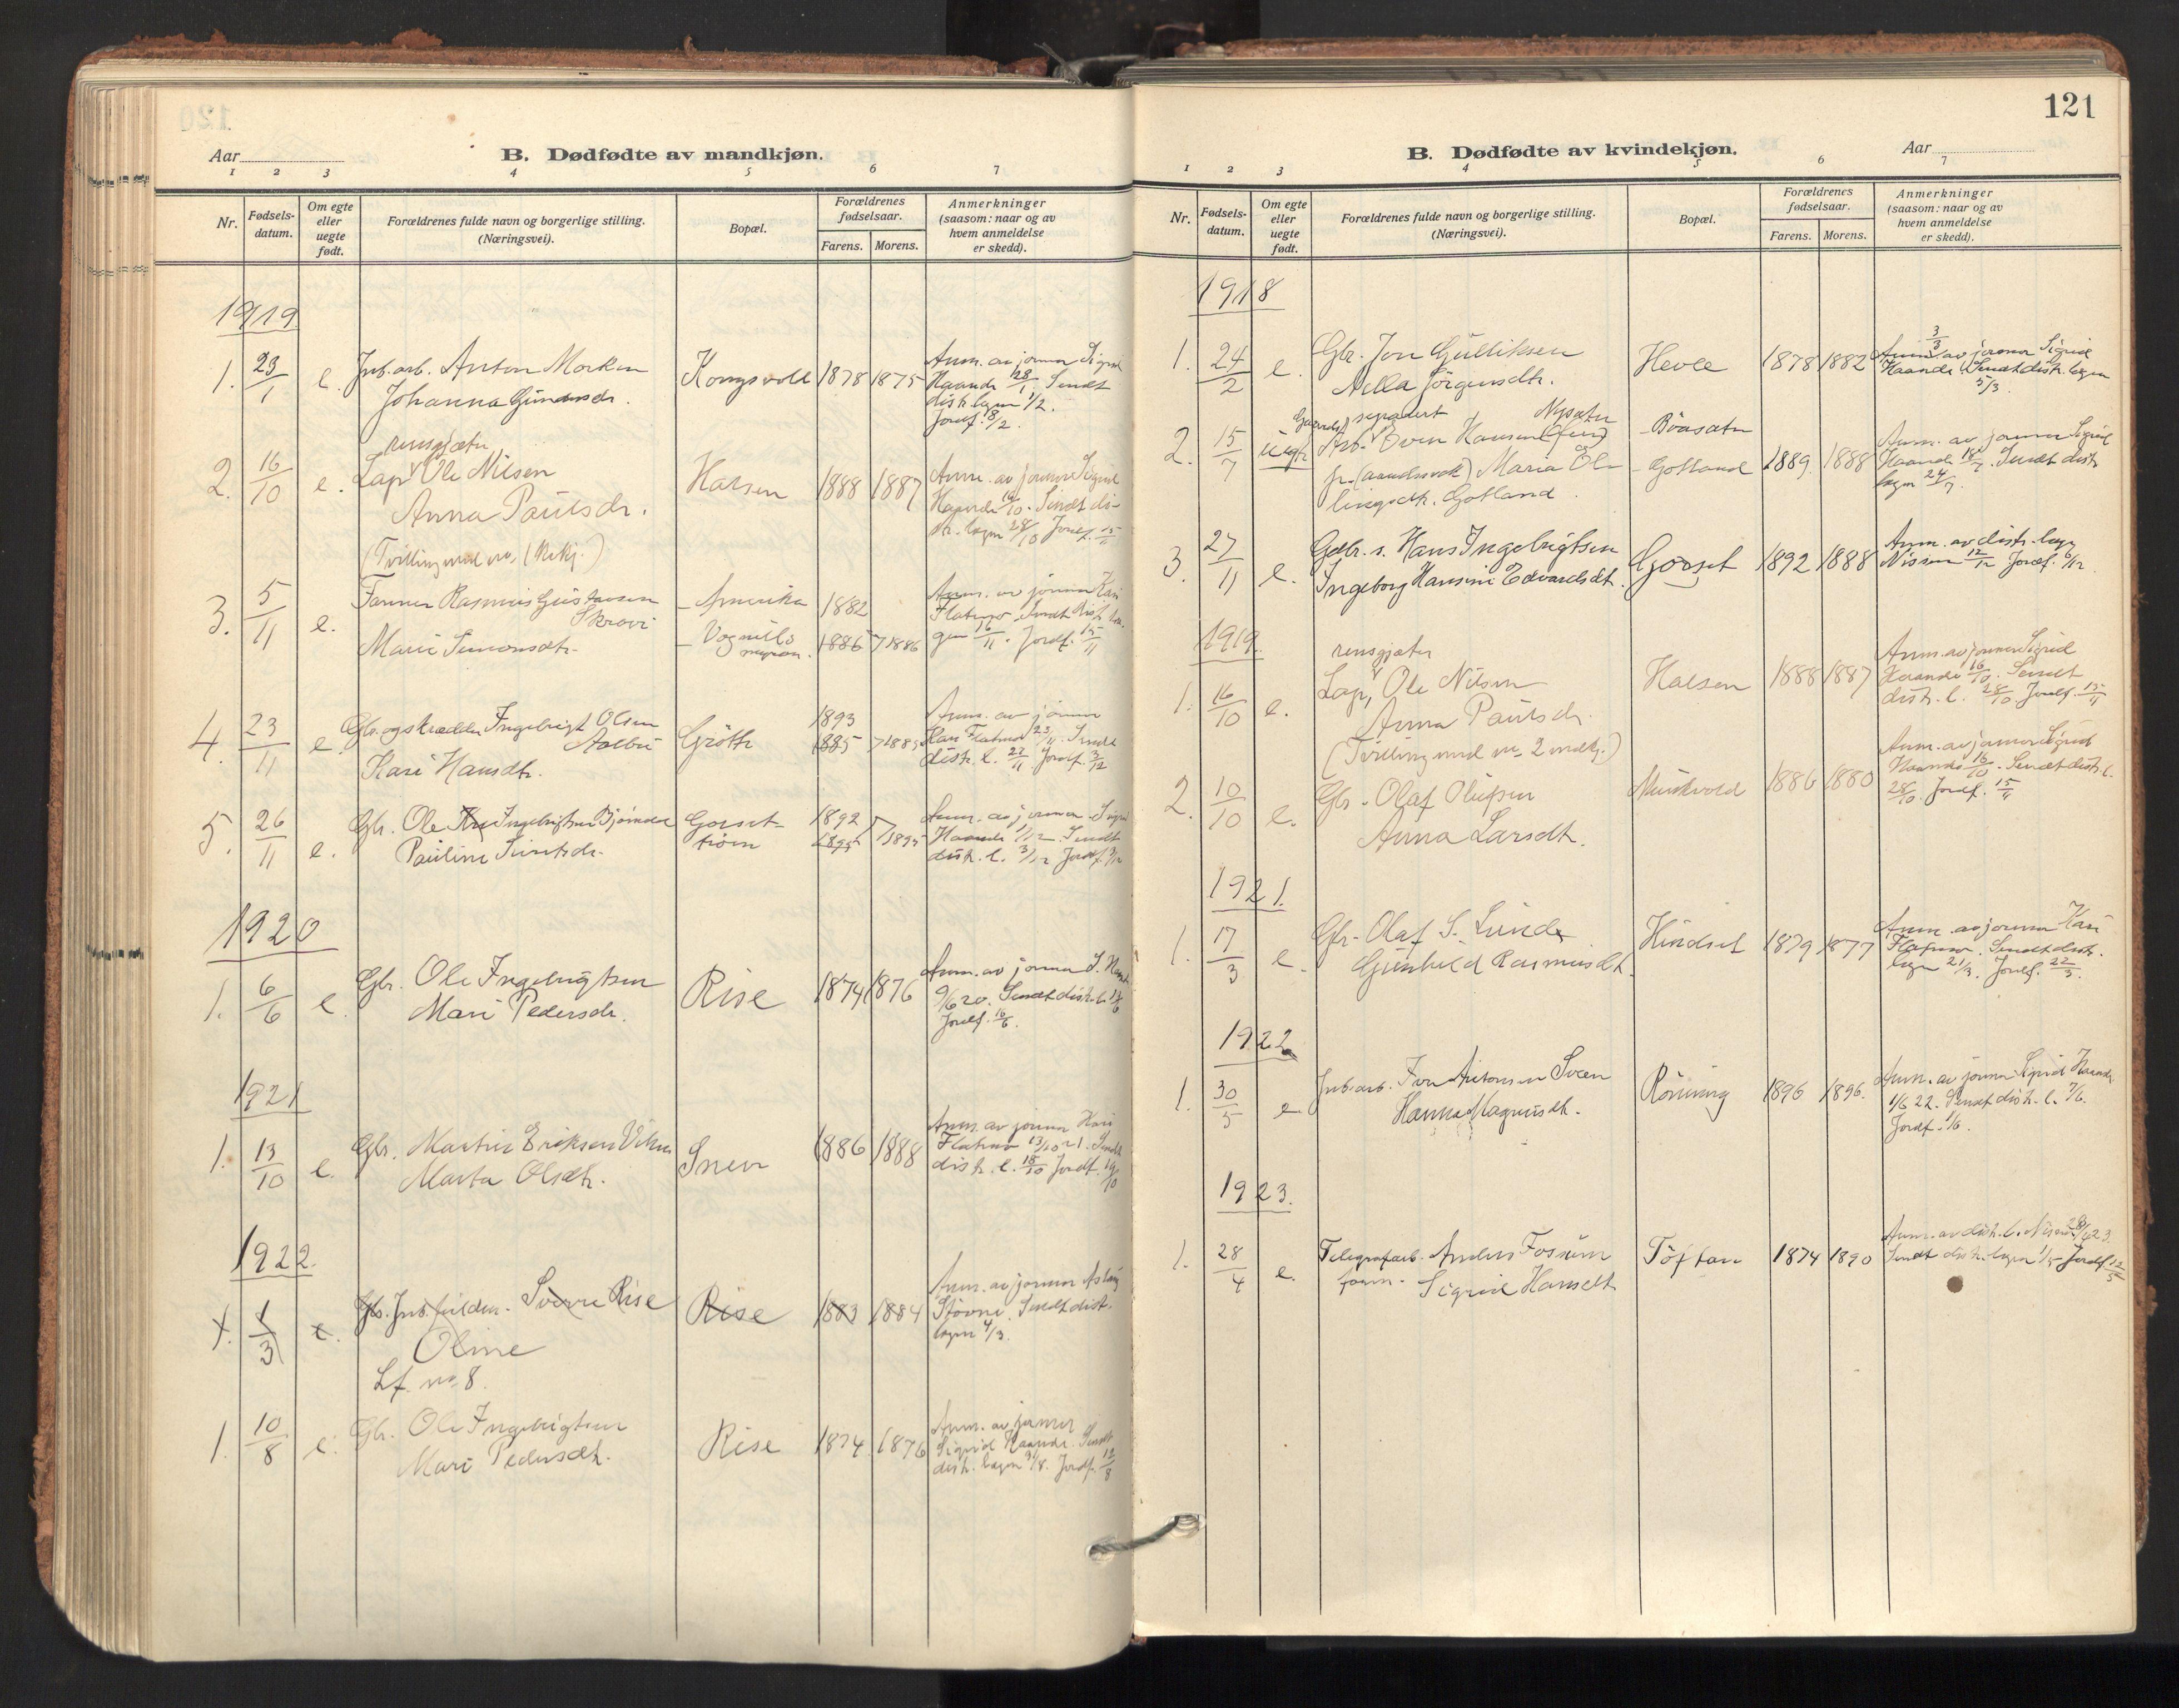 SAT, Ministerialprotokoller, klokkerbøker og fødselsregistre - Sør-Trøndelag, 678/L0909: Ministerialbok nr. 678A17, 1912-1930, s. 121